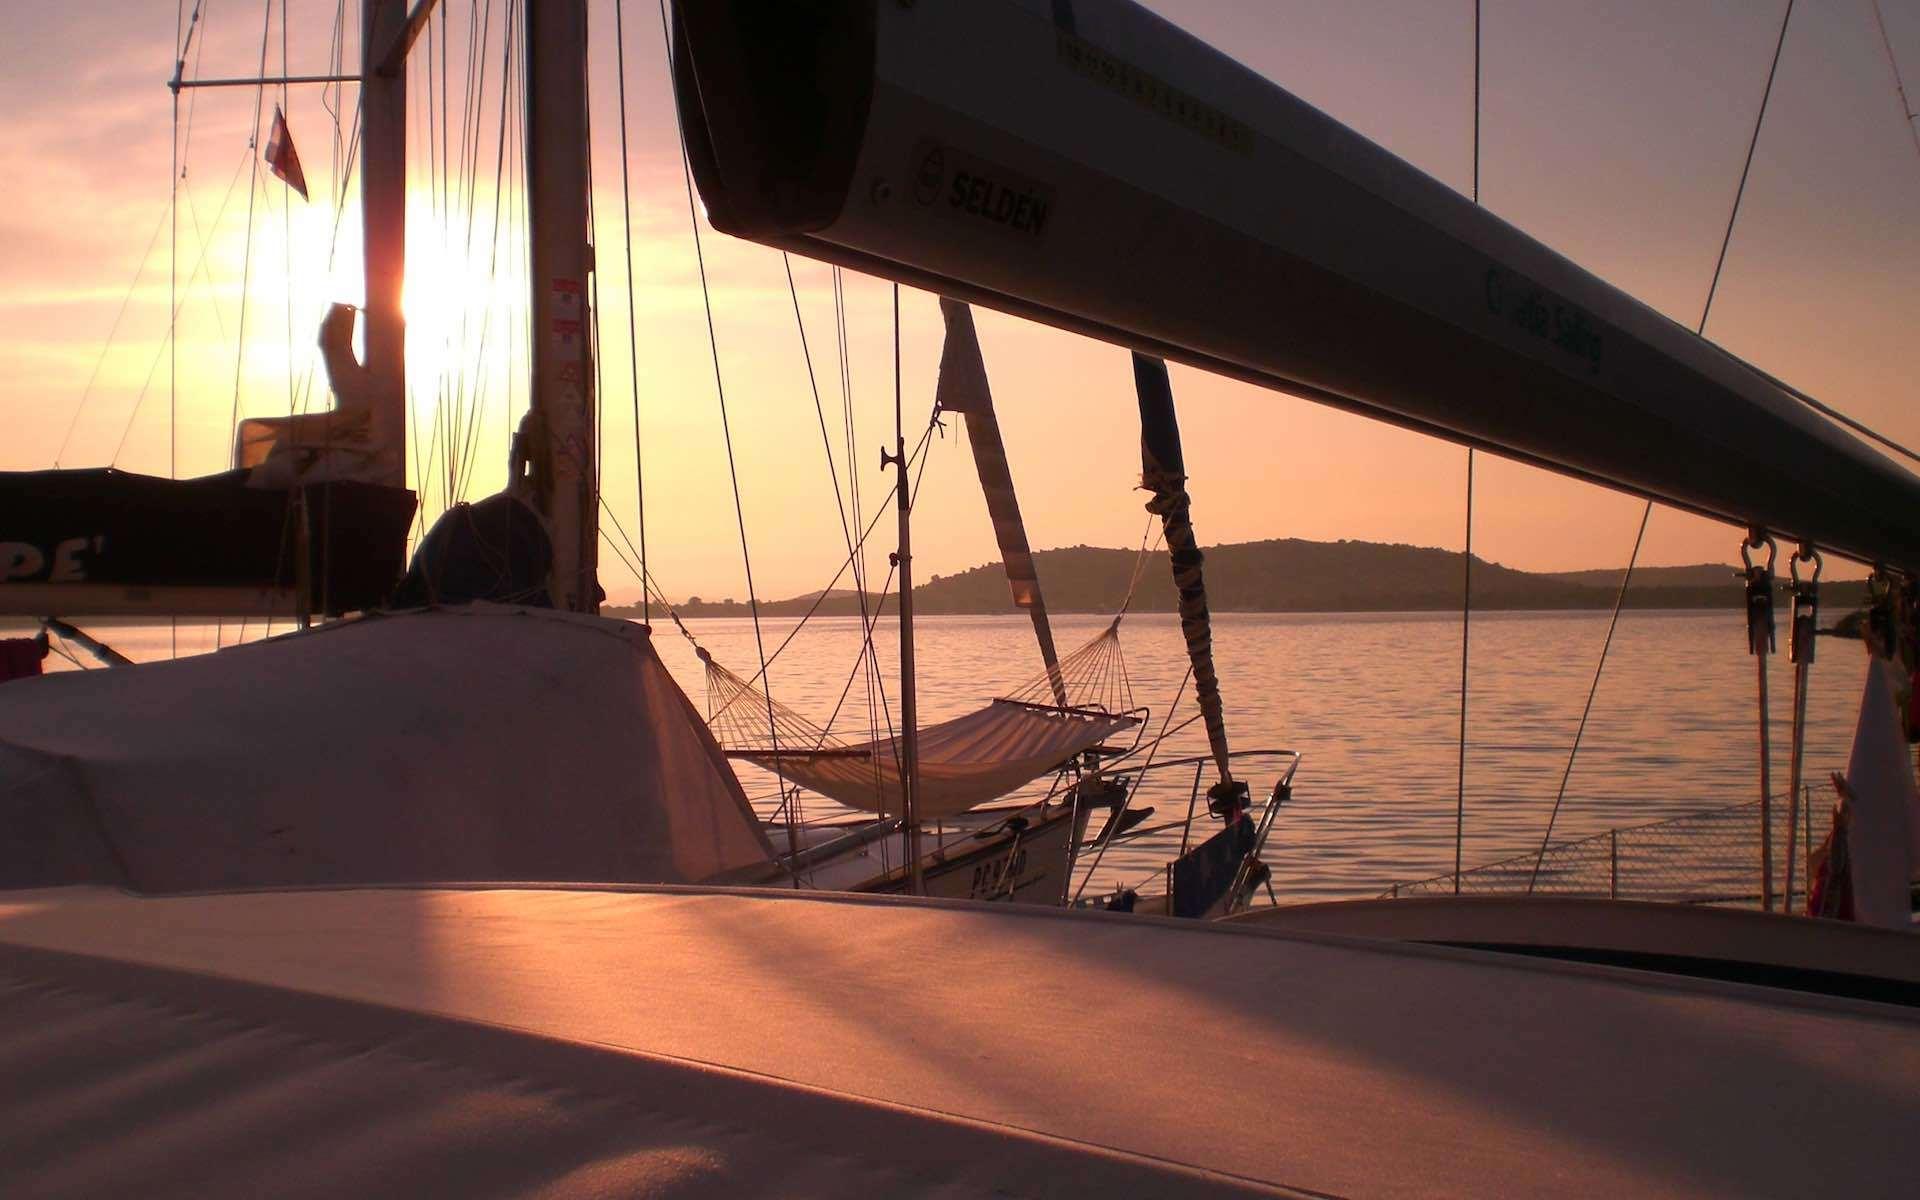 Crociere in barca a vela in Croazia